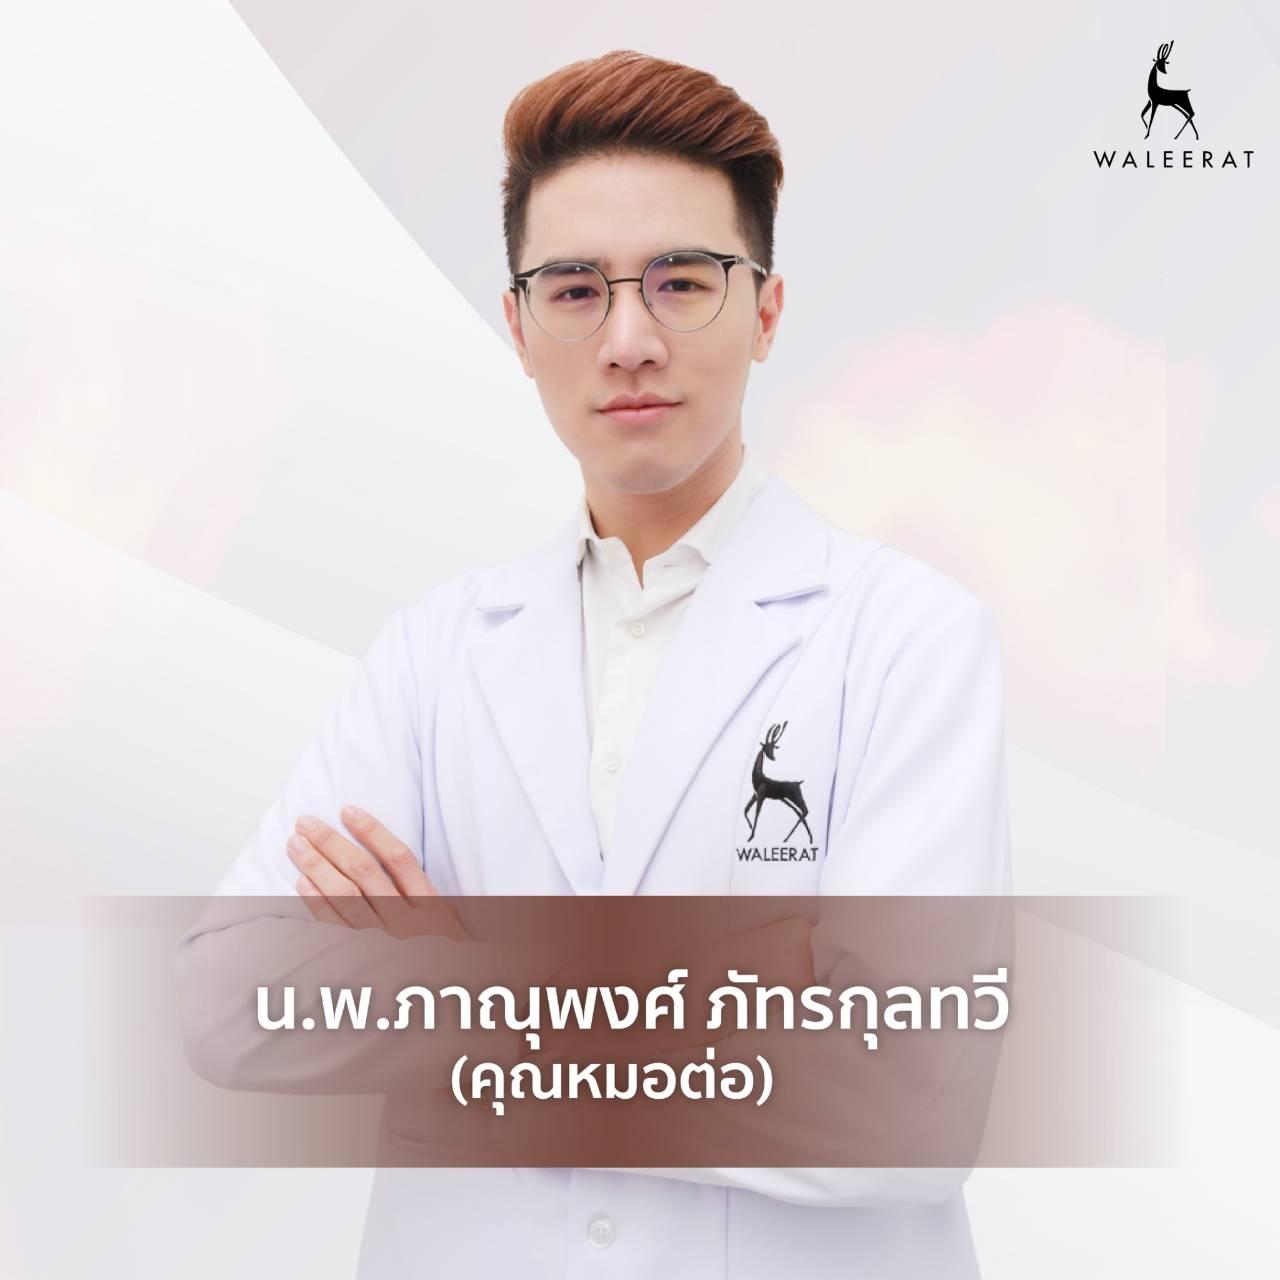 หมอต่อ